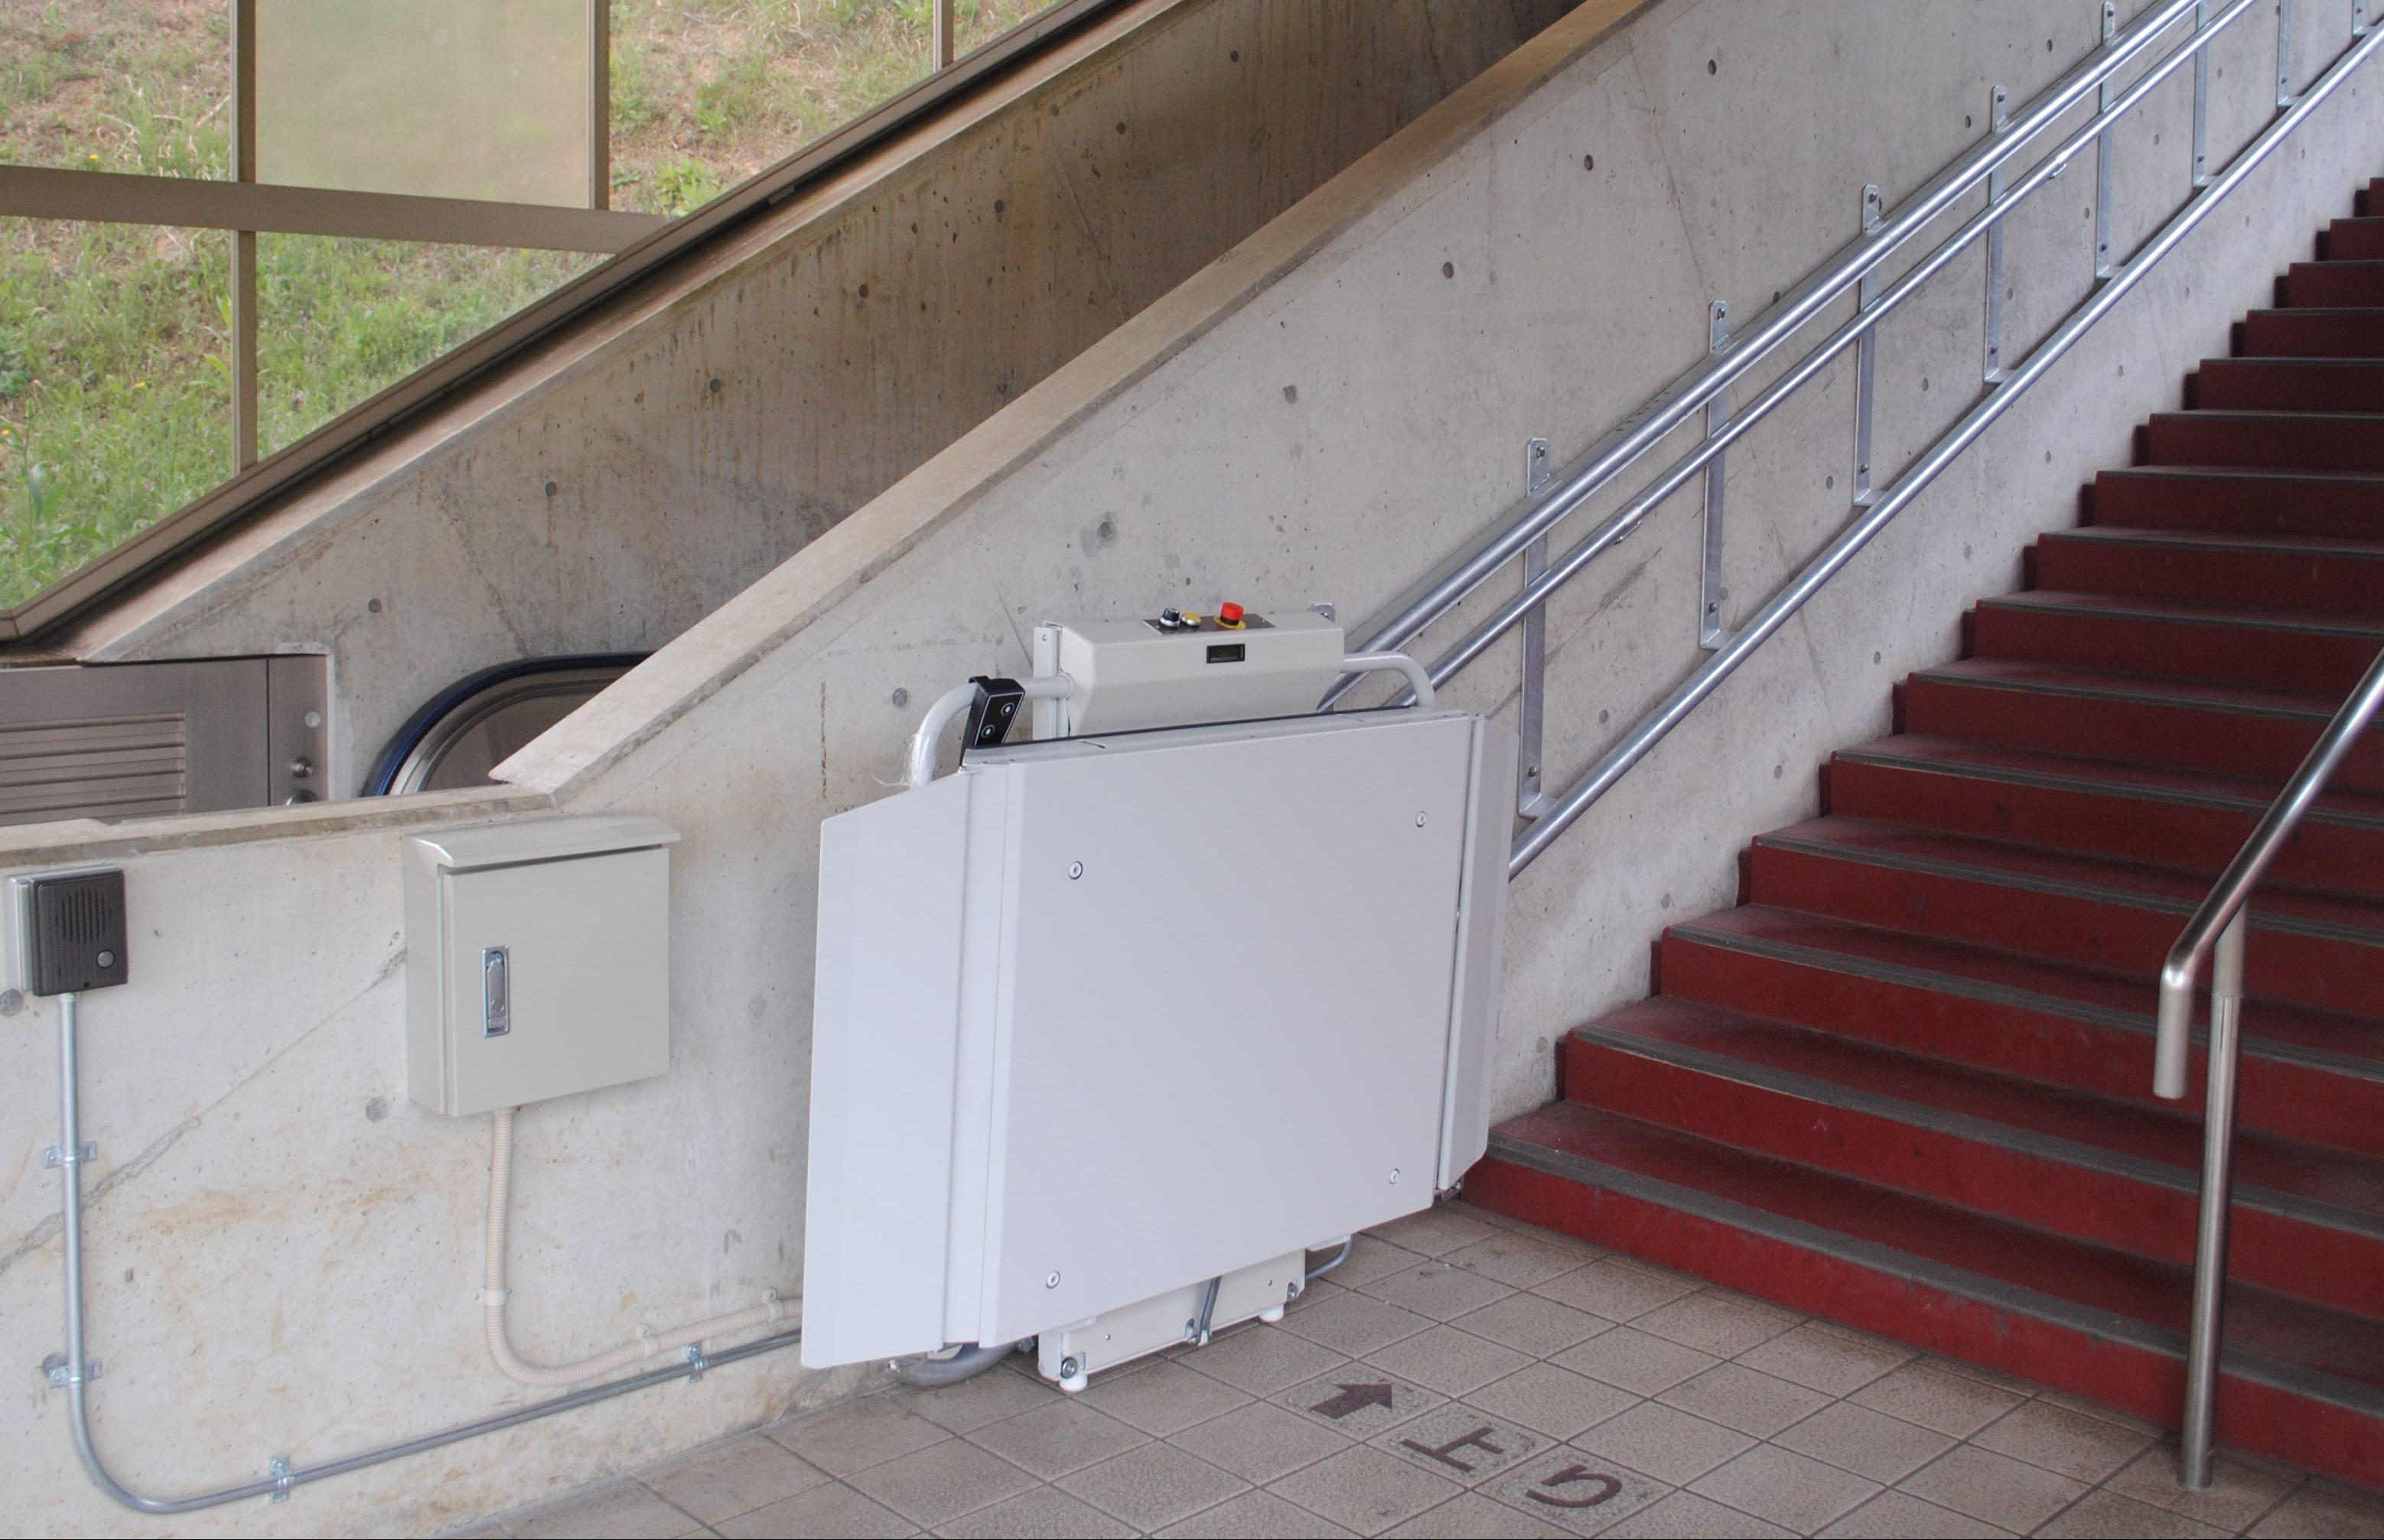 東京都M大学様 車いすタイプ階段昇降機